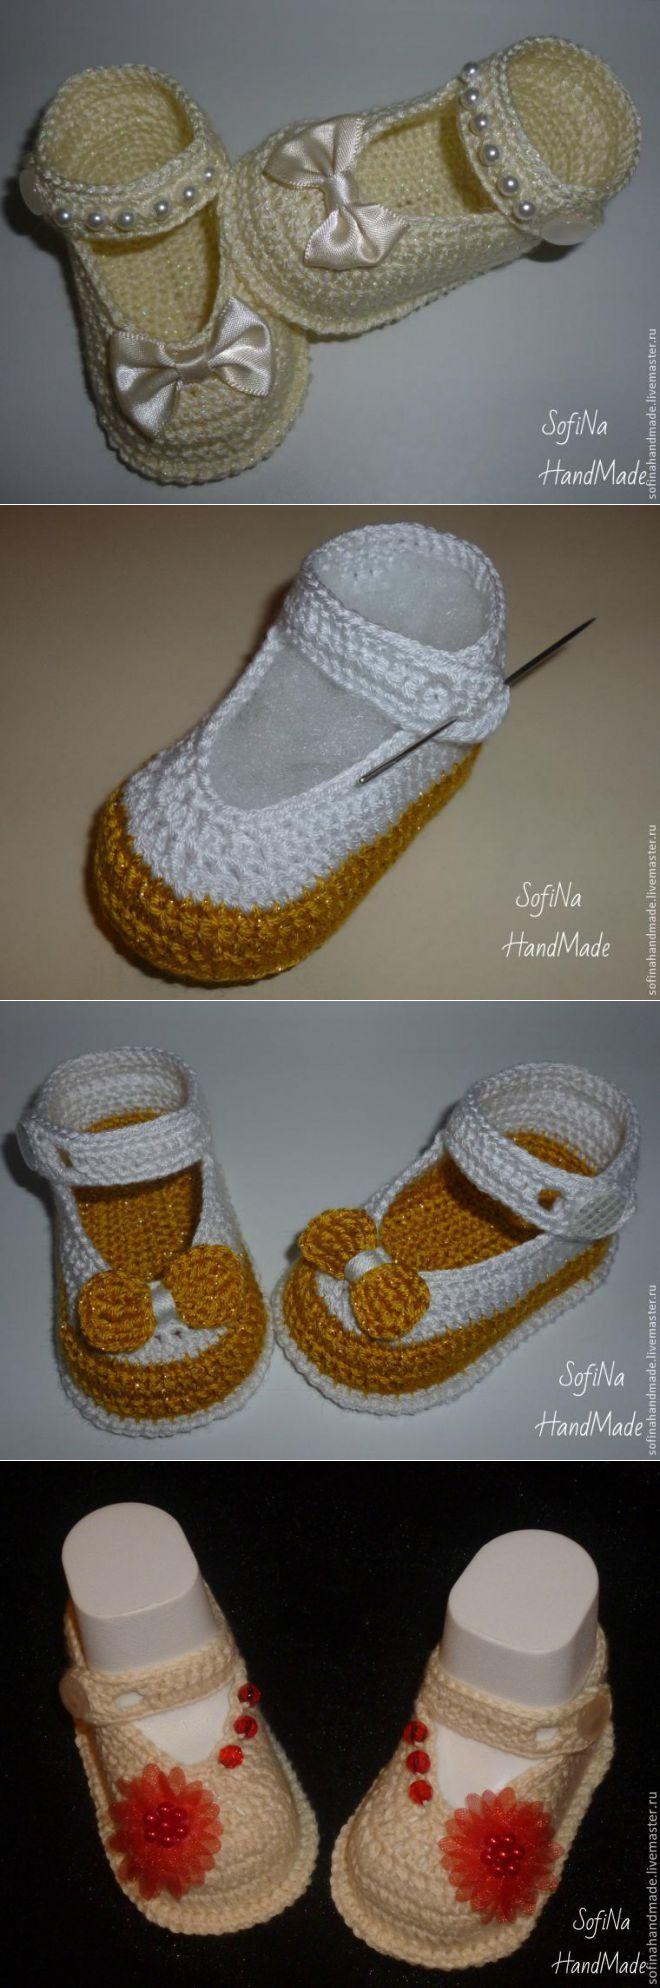 Botines, zapatos, de punto - Artesanía